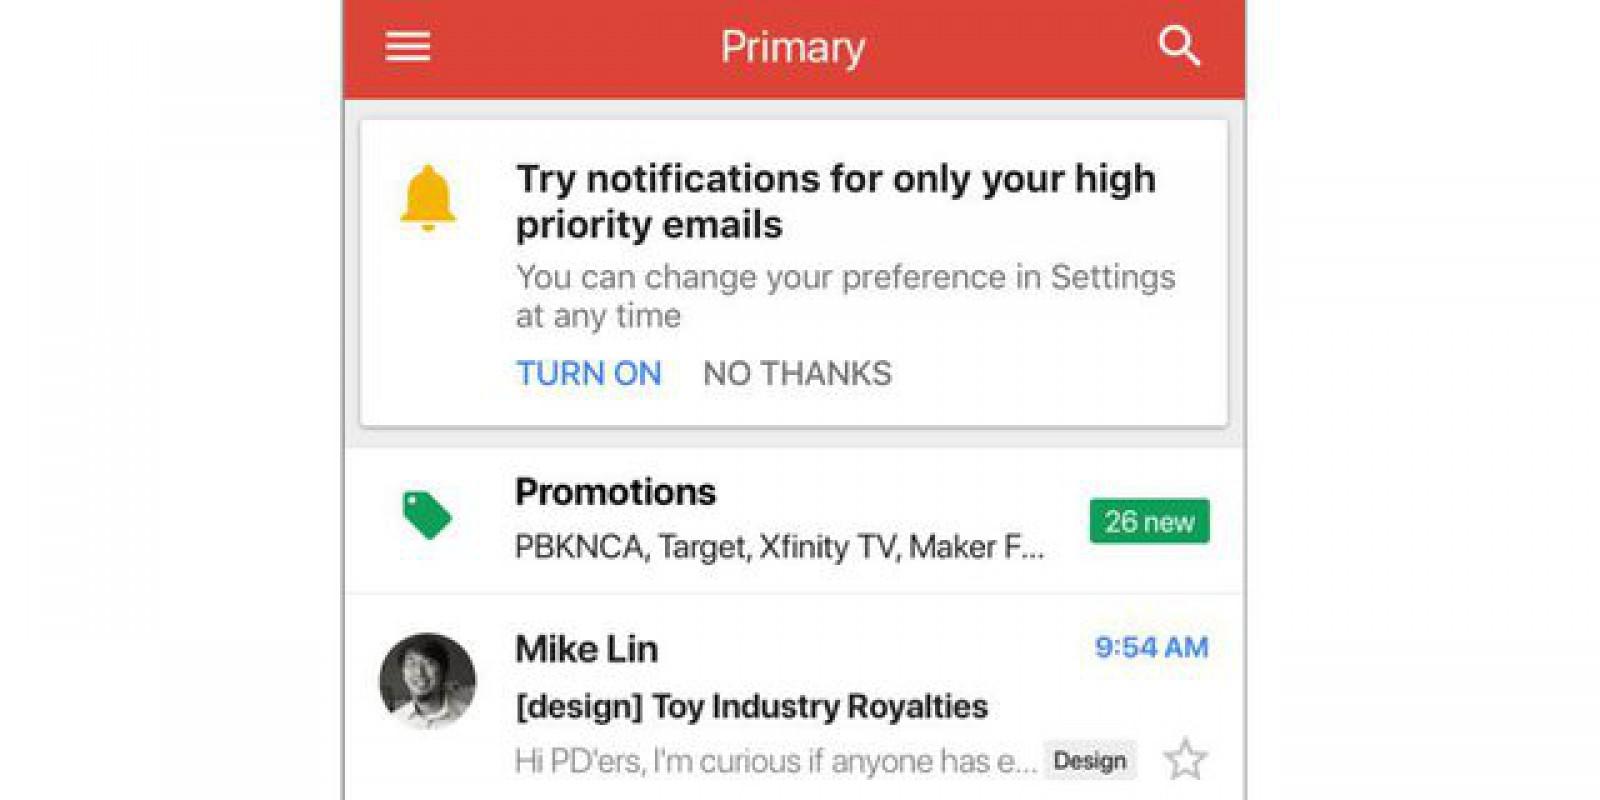 Aplicaţia Gmail pentru iOS primeşte opţiune pentru anunţarea selectivă a mesajelor primite, în funcţie de importanţa acestora